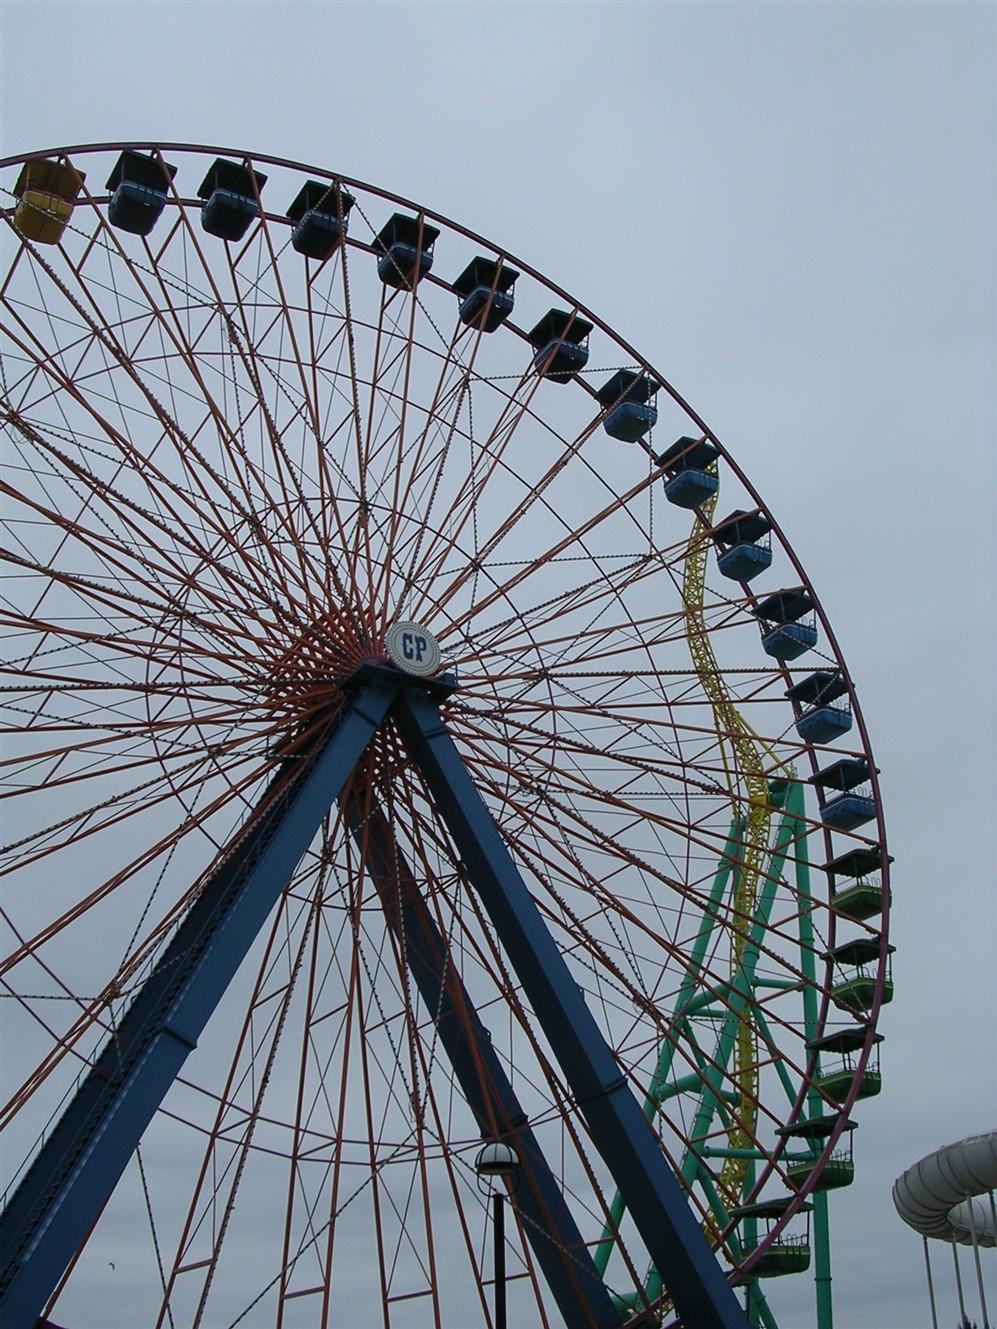 2005 06 03 Cedar Point 9.jpg